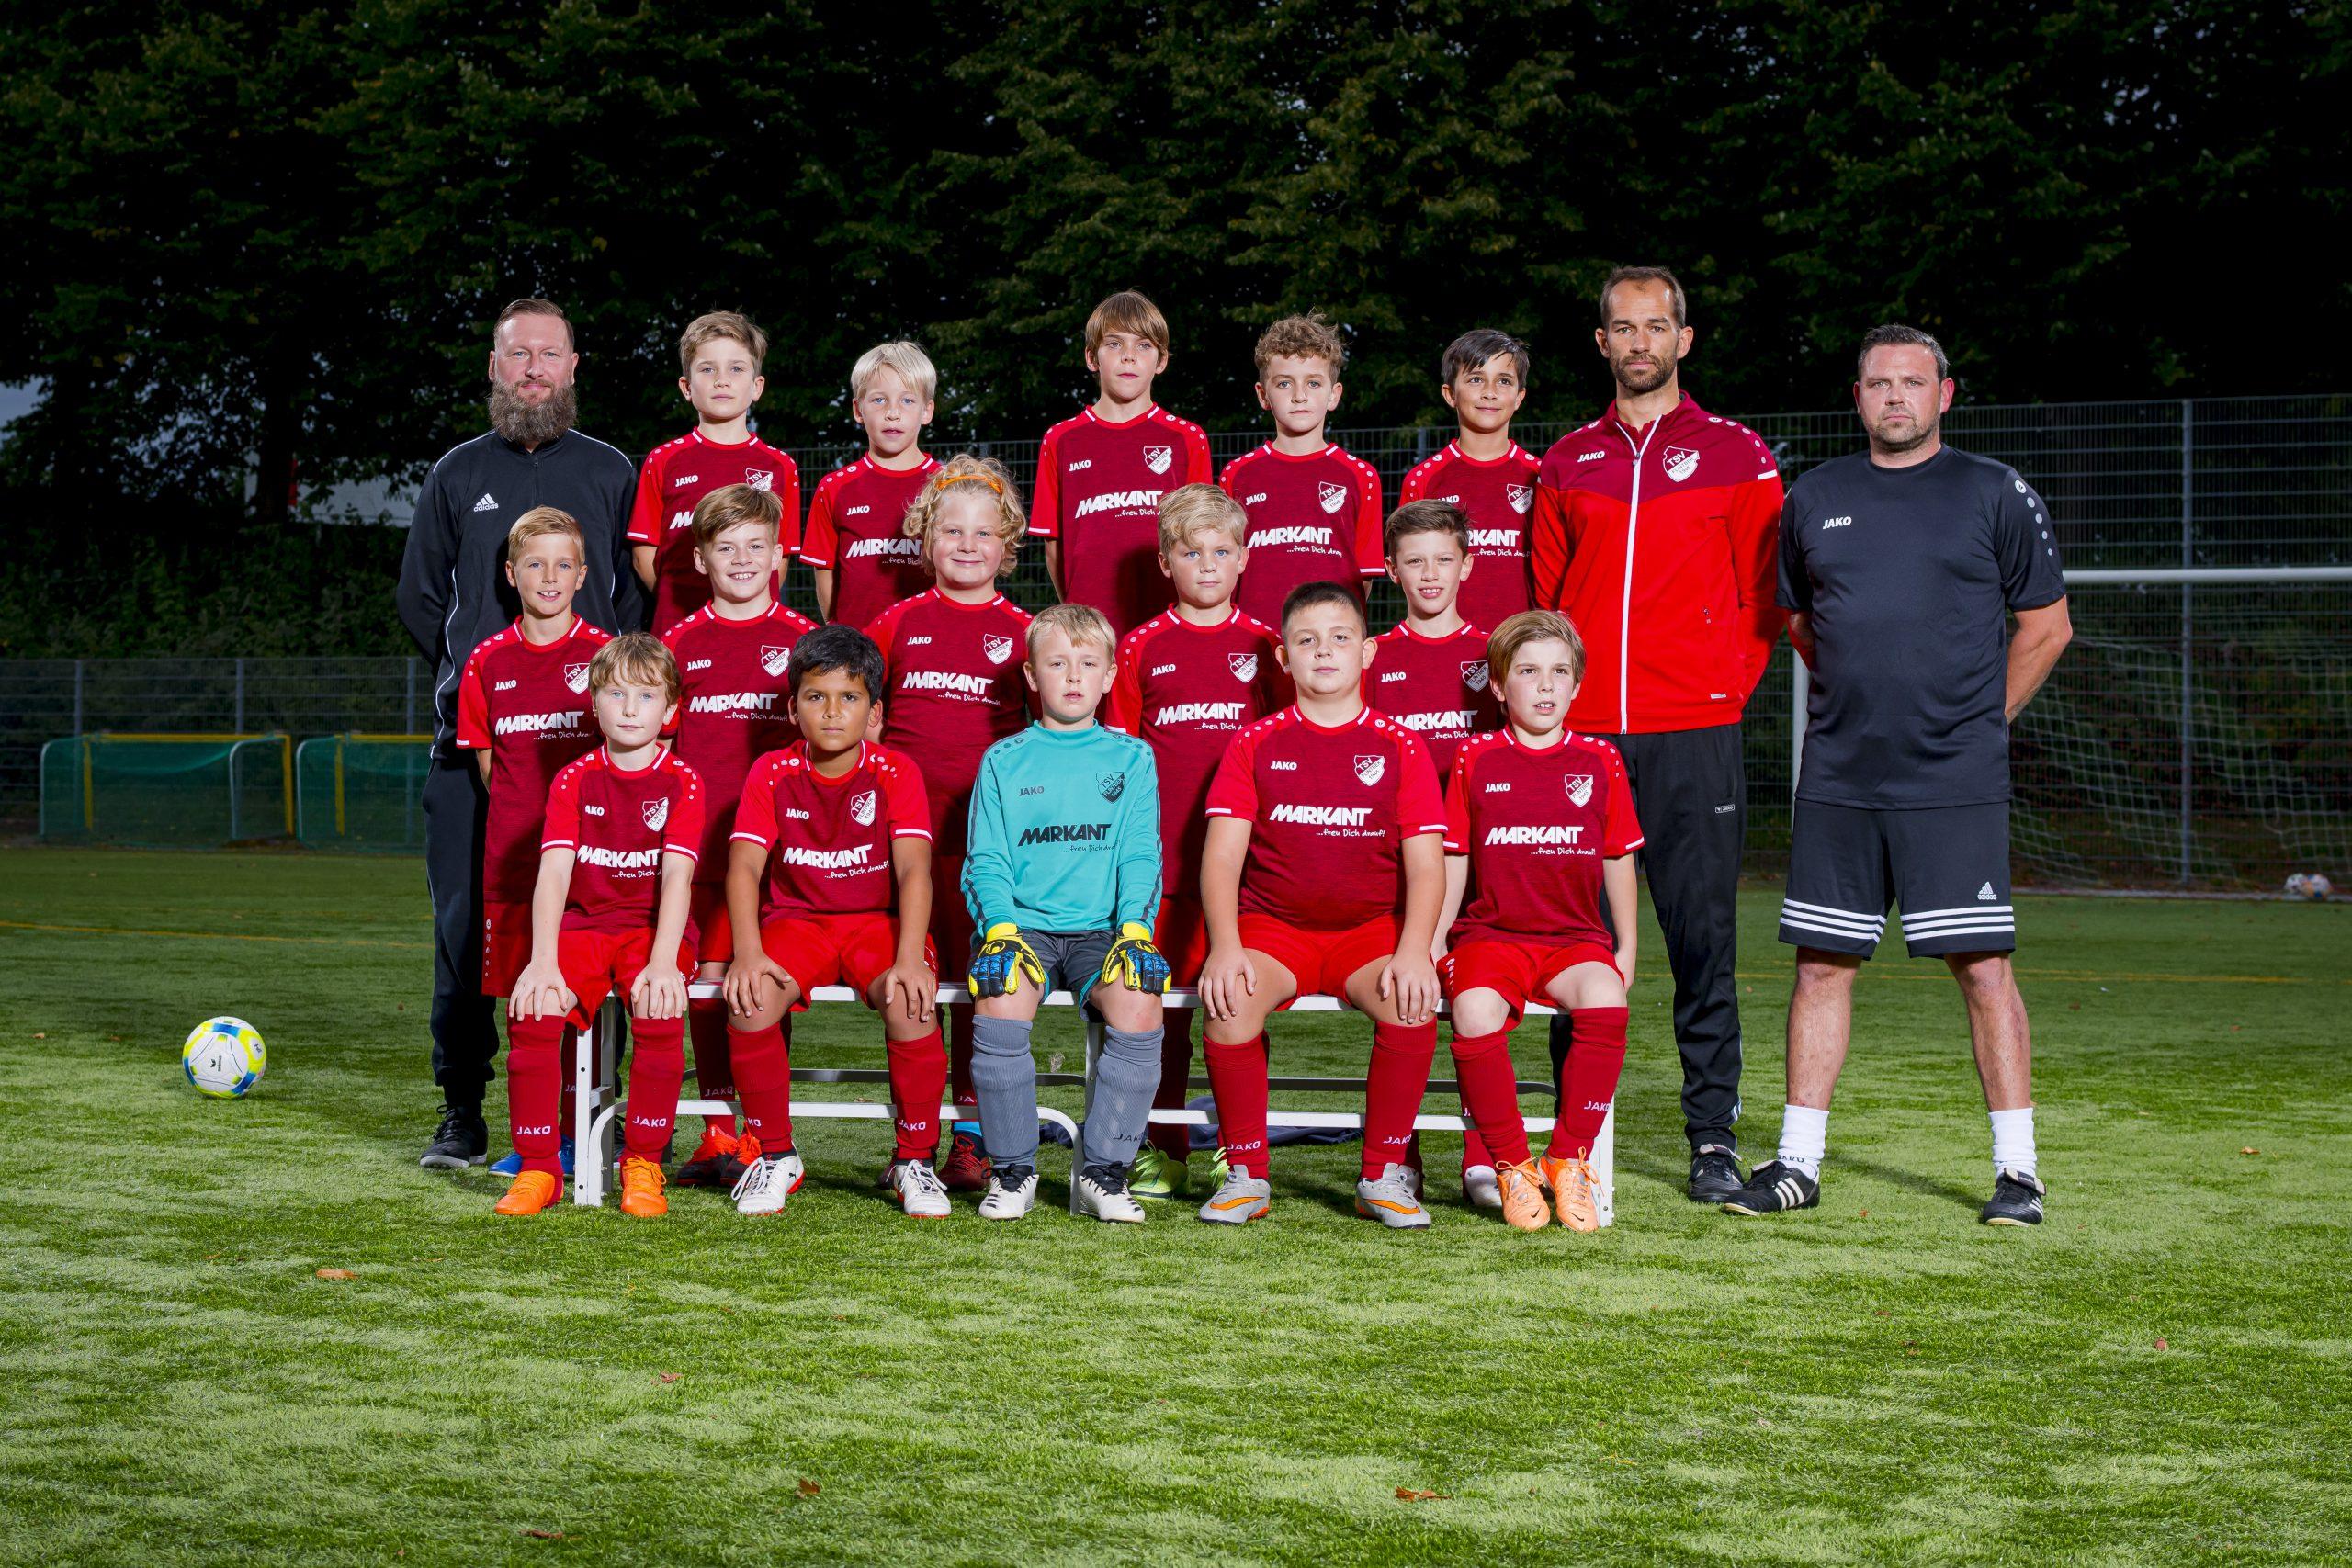 TSV Flintbek U10 E3 (Saison 21/22)